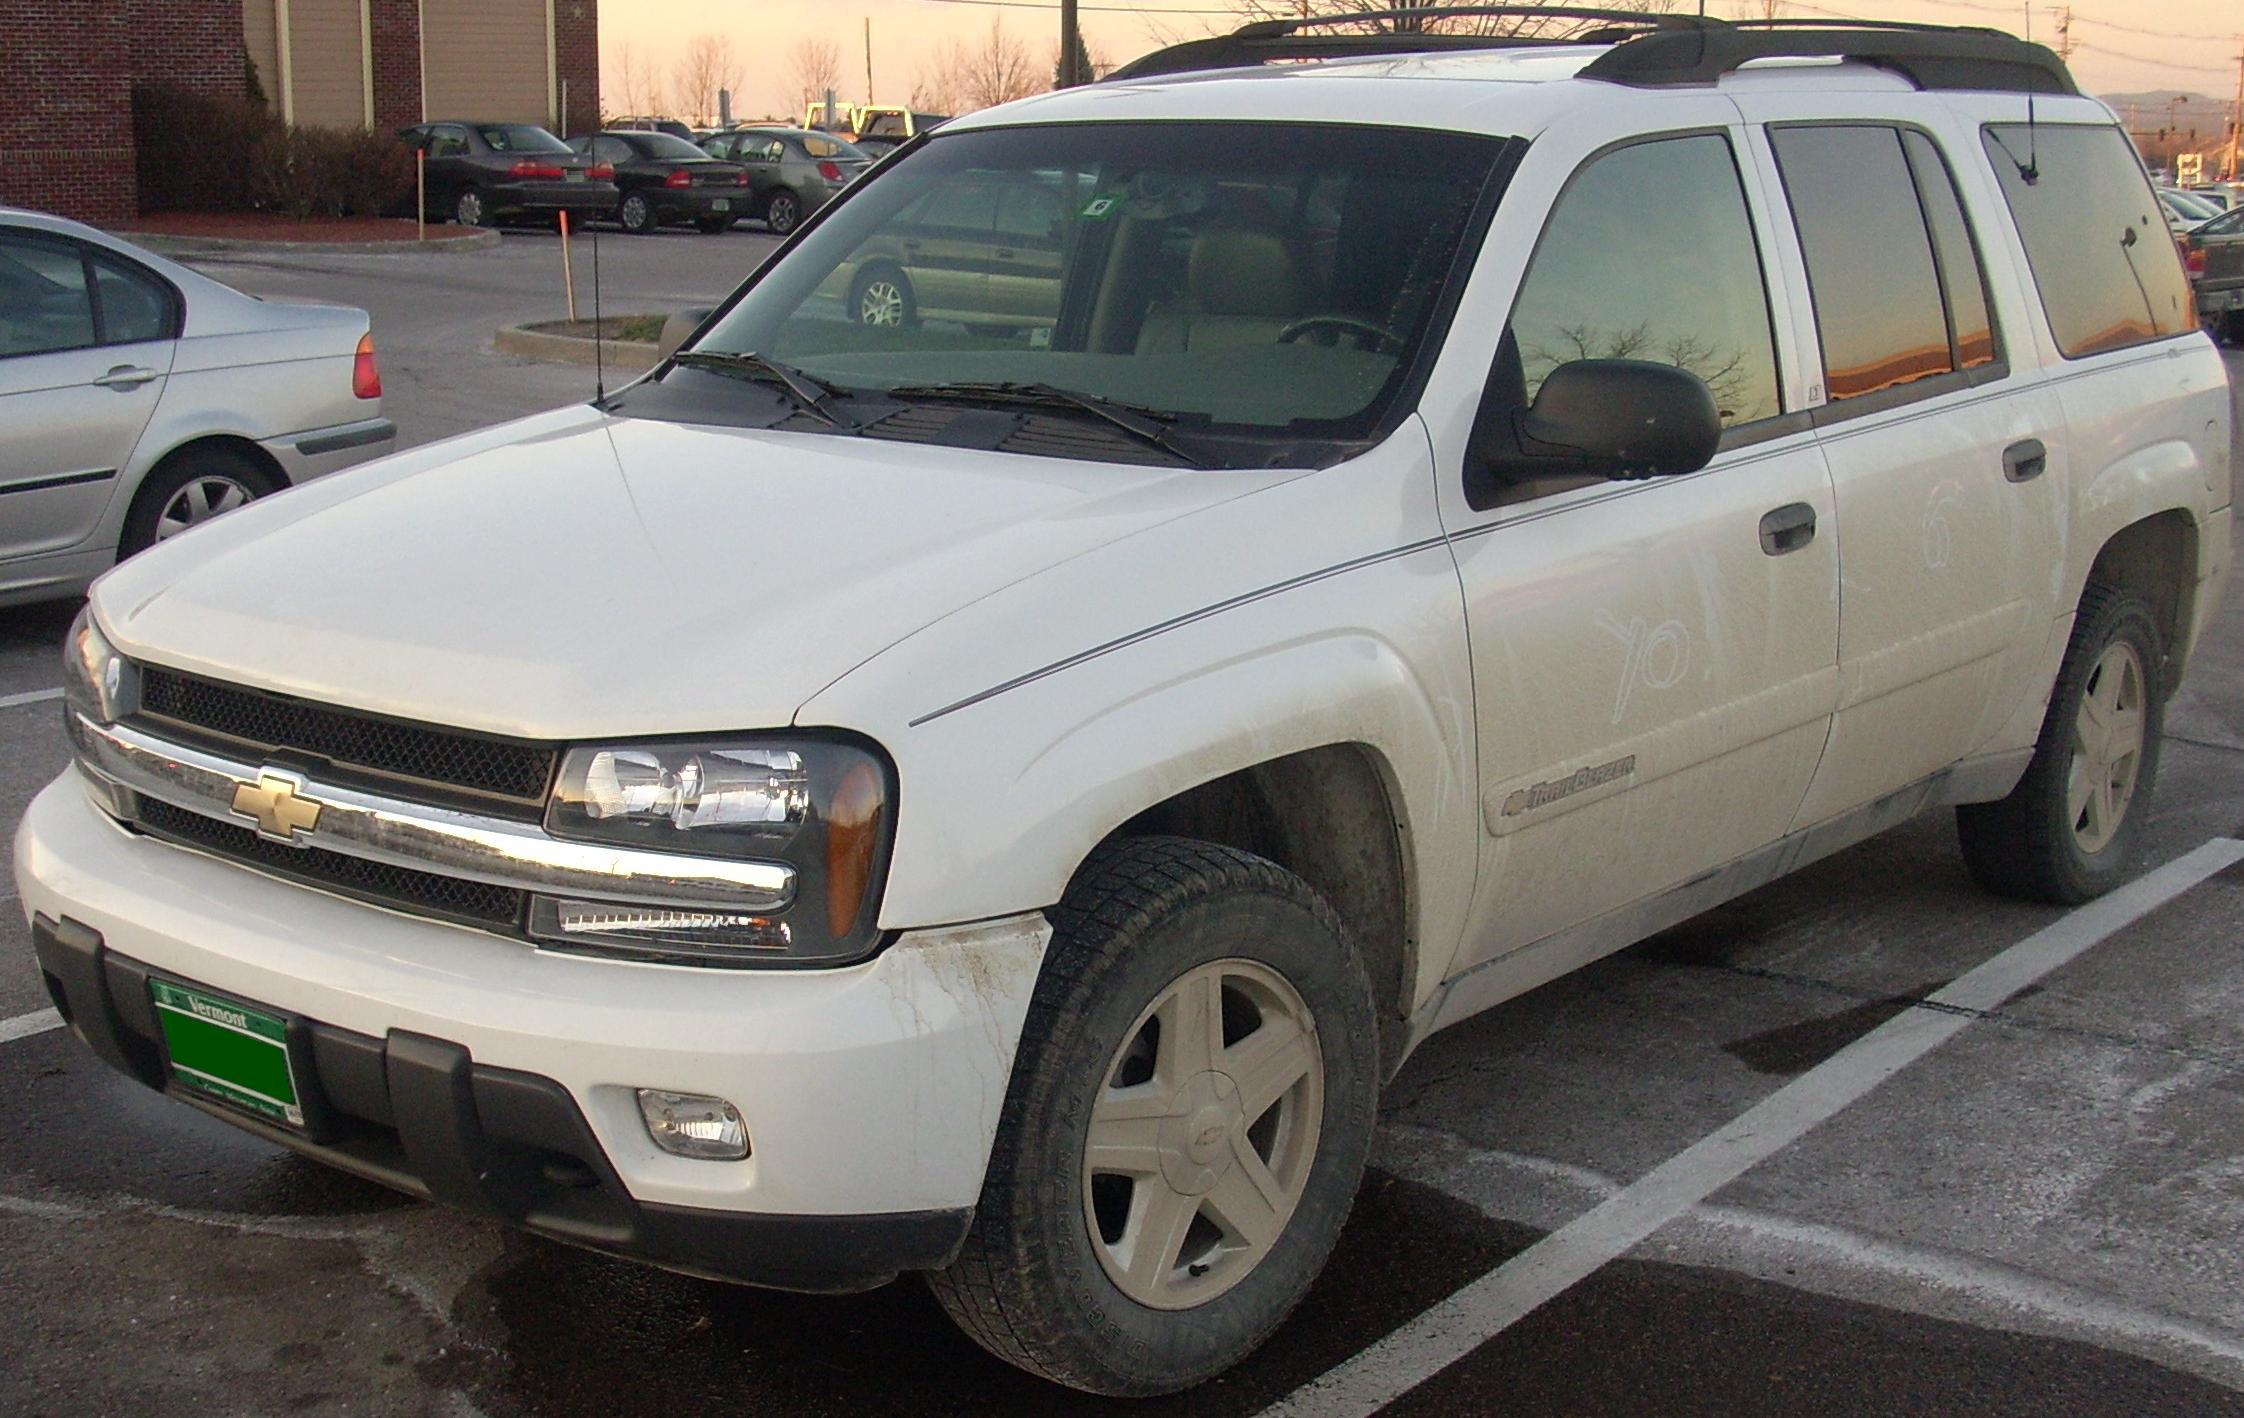 Chevrolet Trailblazer 2002 foto - 1